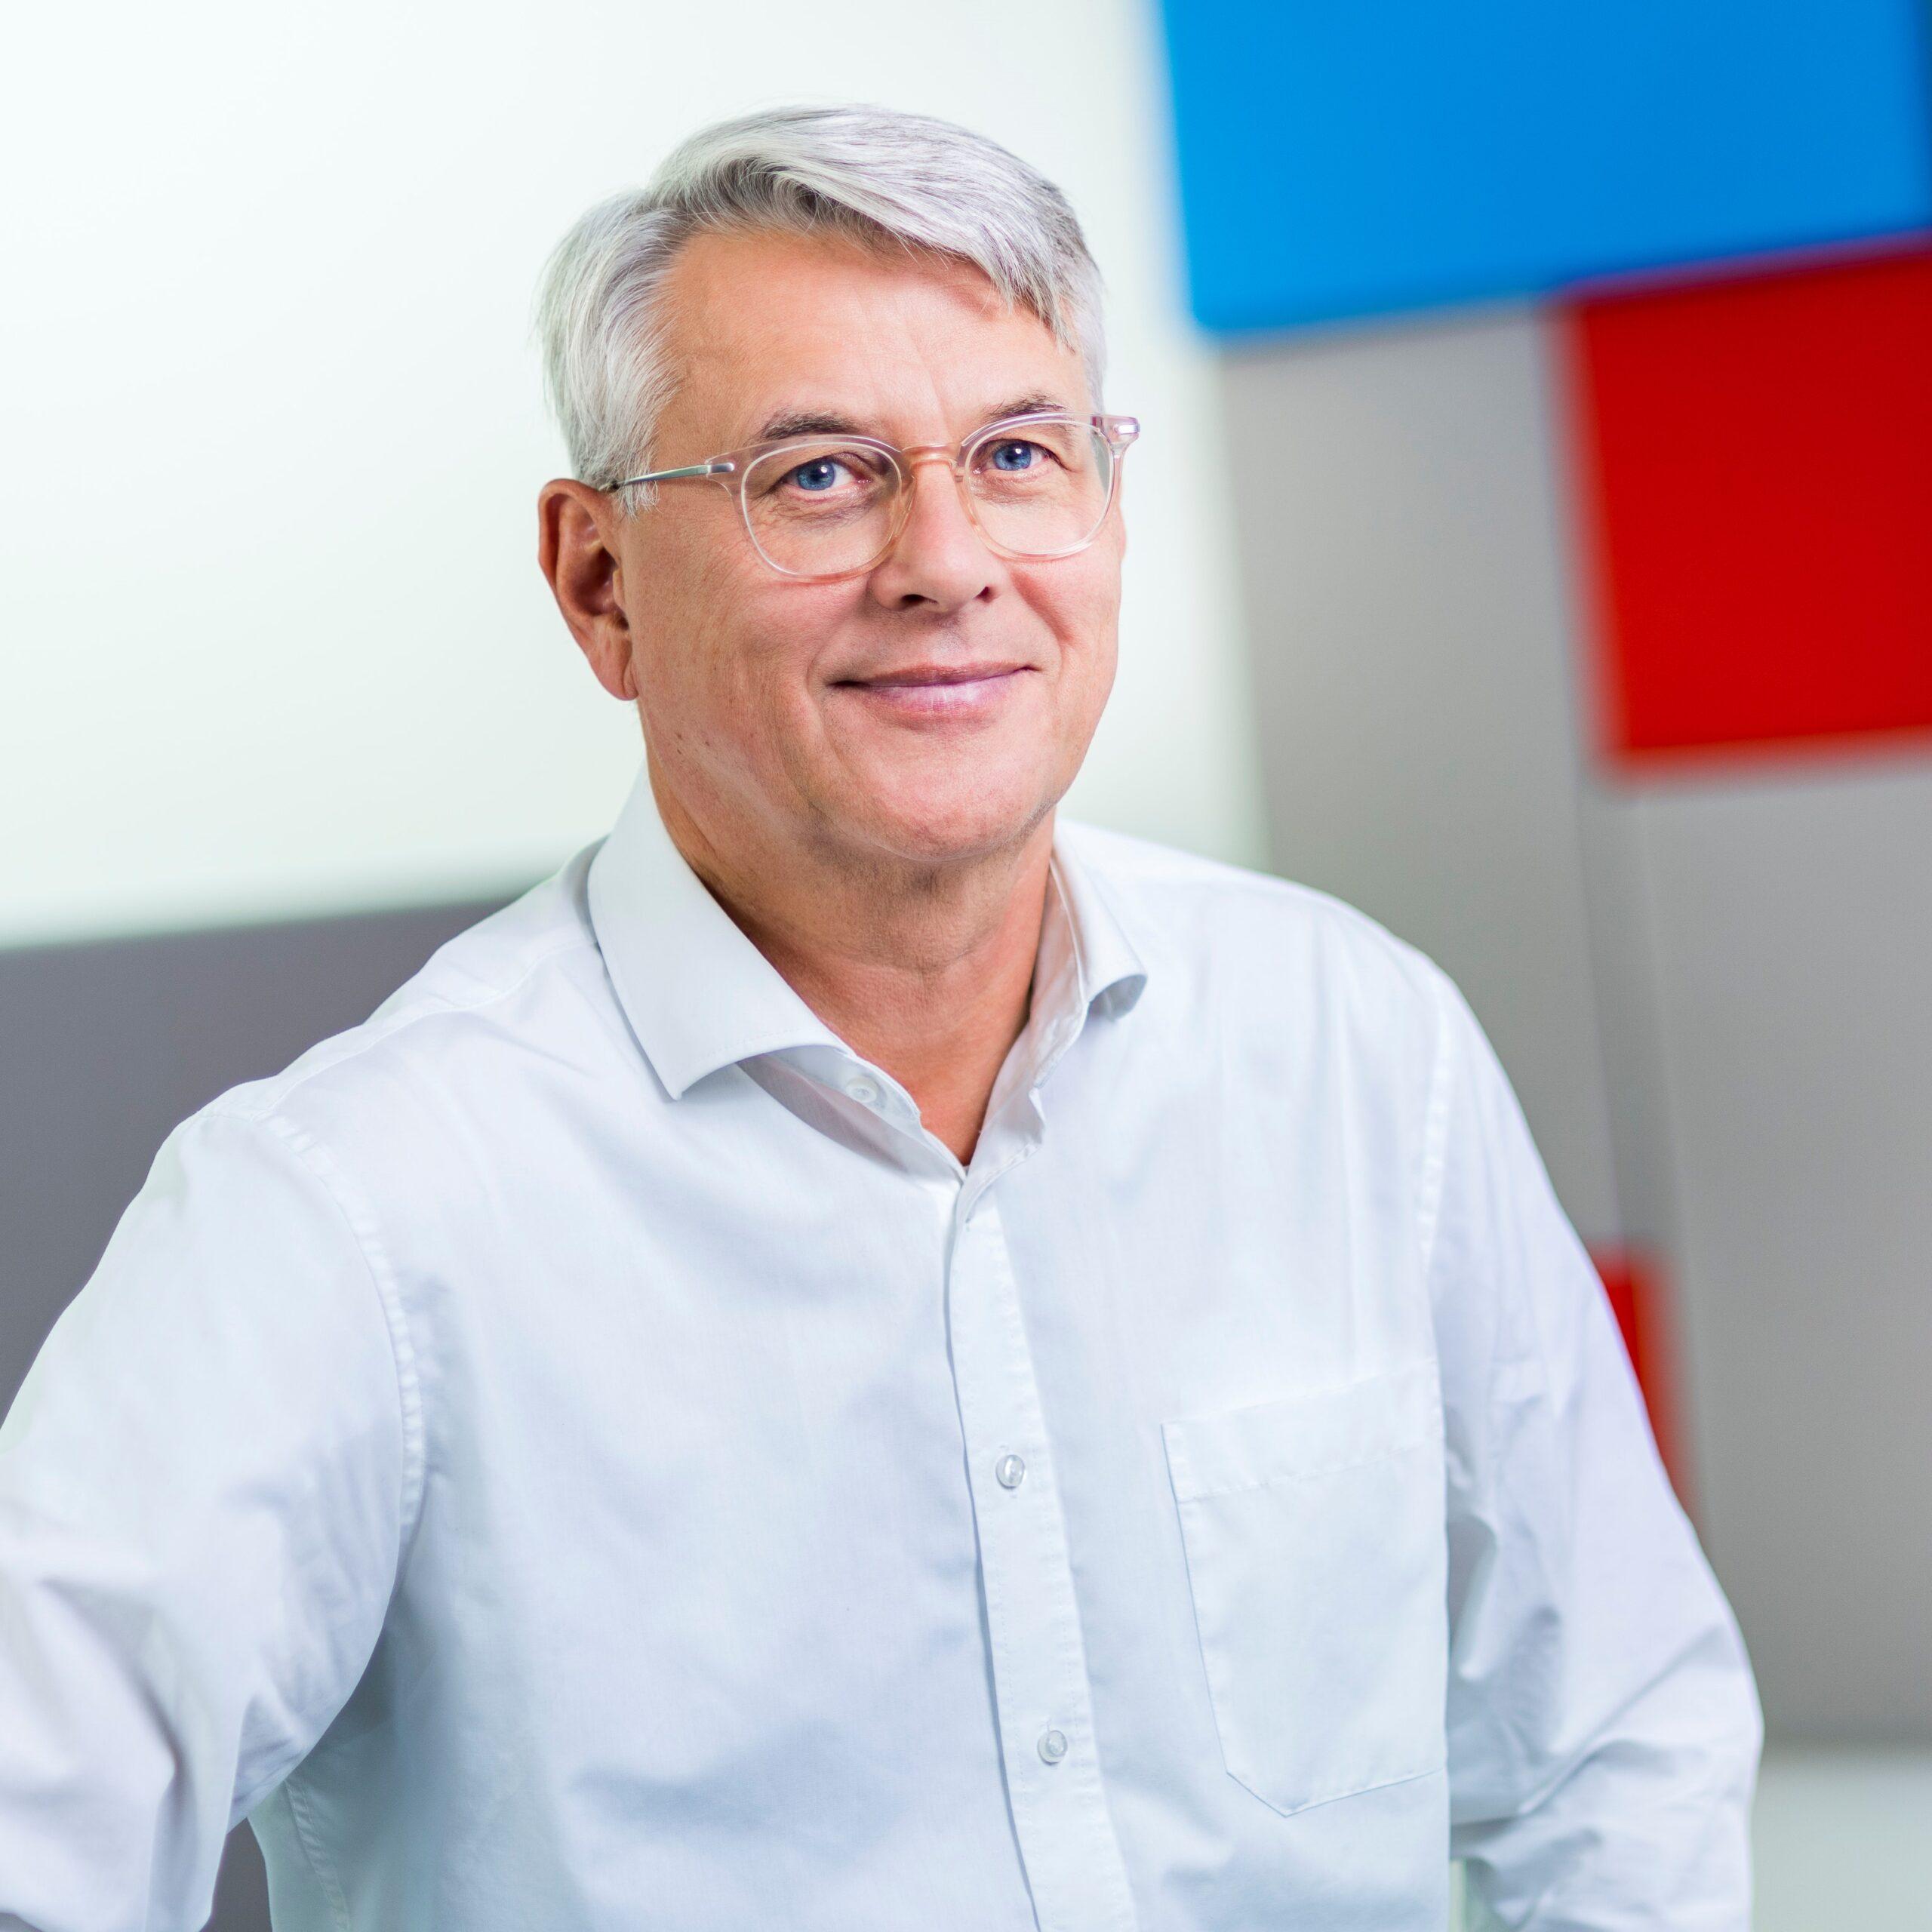 Volker Meyer-Guckel